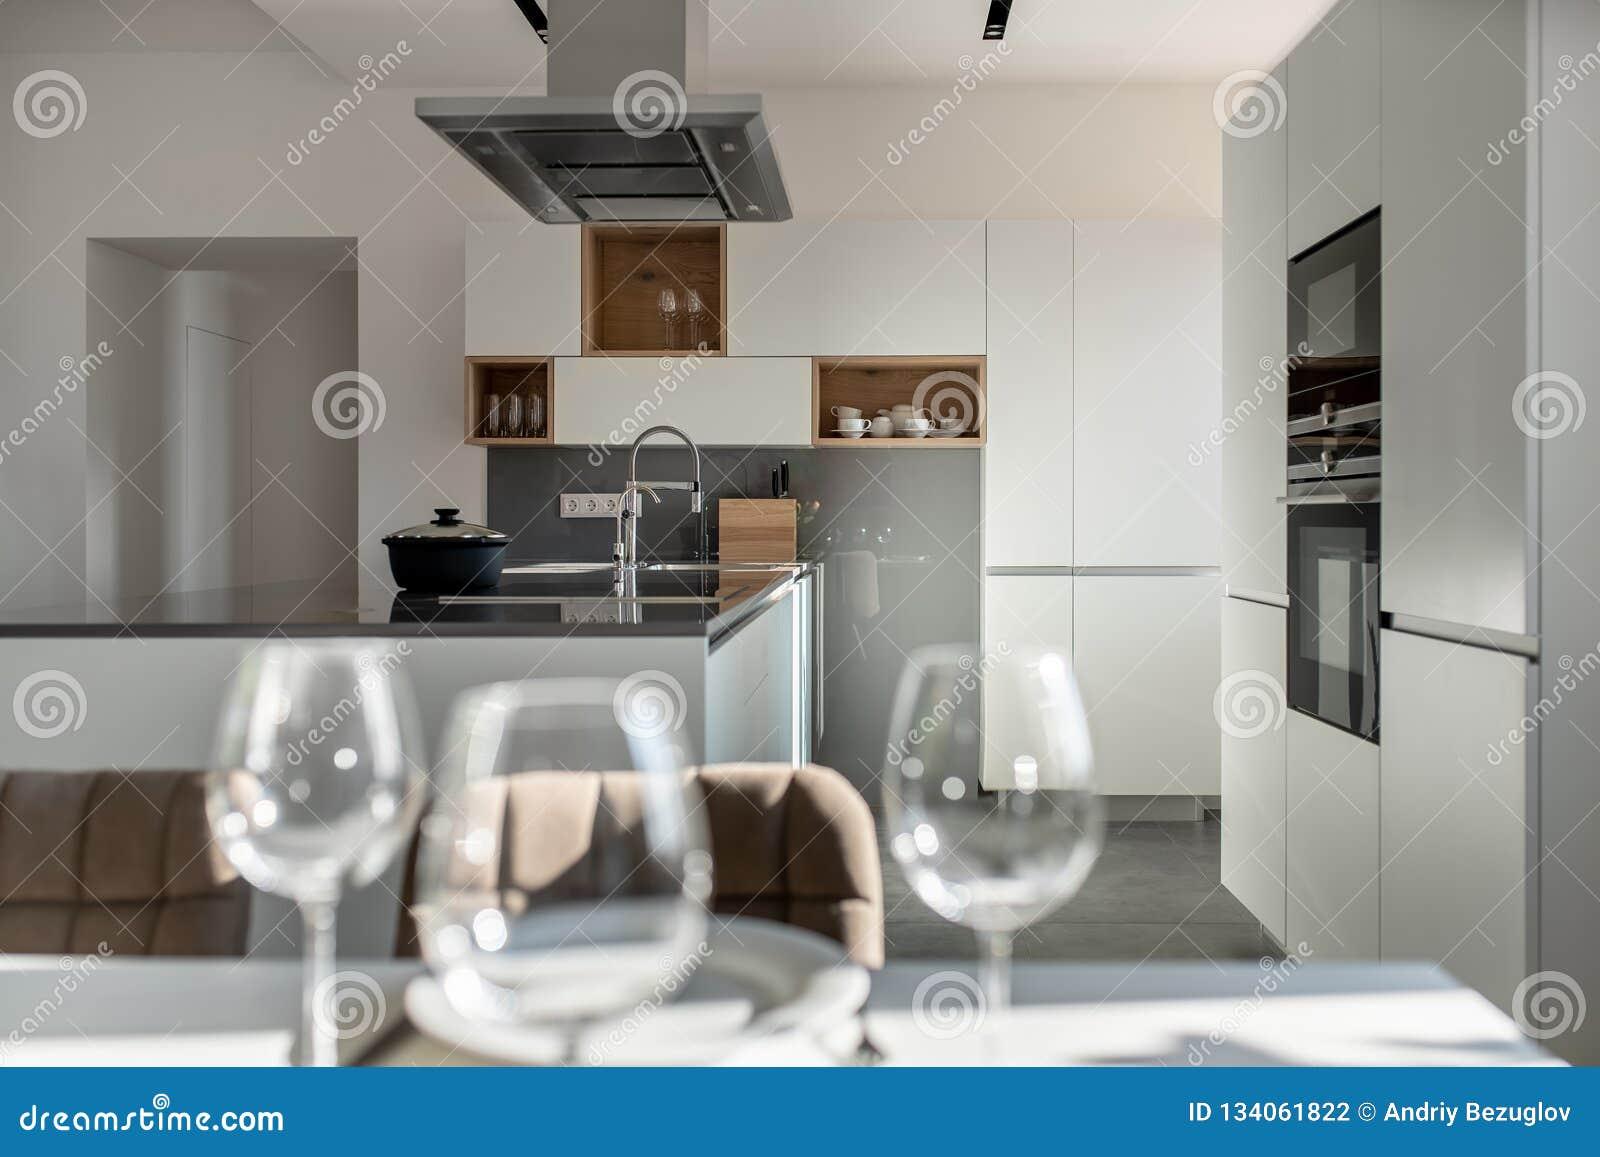 Cucina Moderna Soleggiata Con Le Pareti Bianche Ed Il Pavimento Non ...